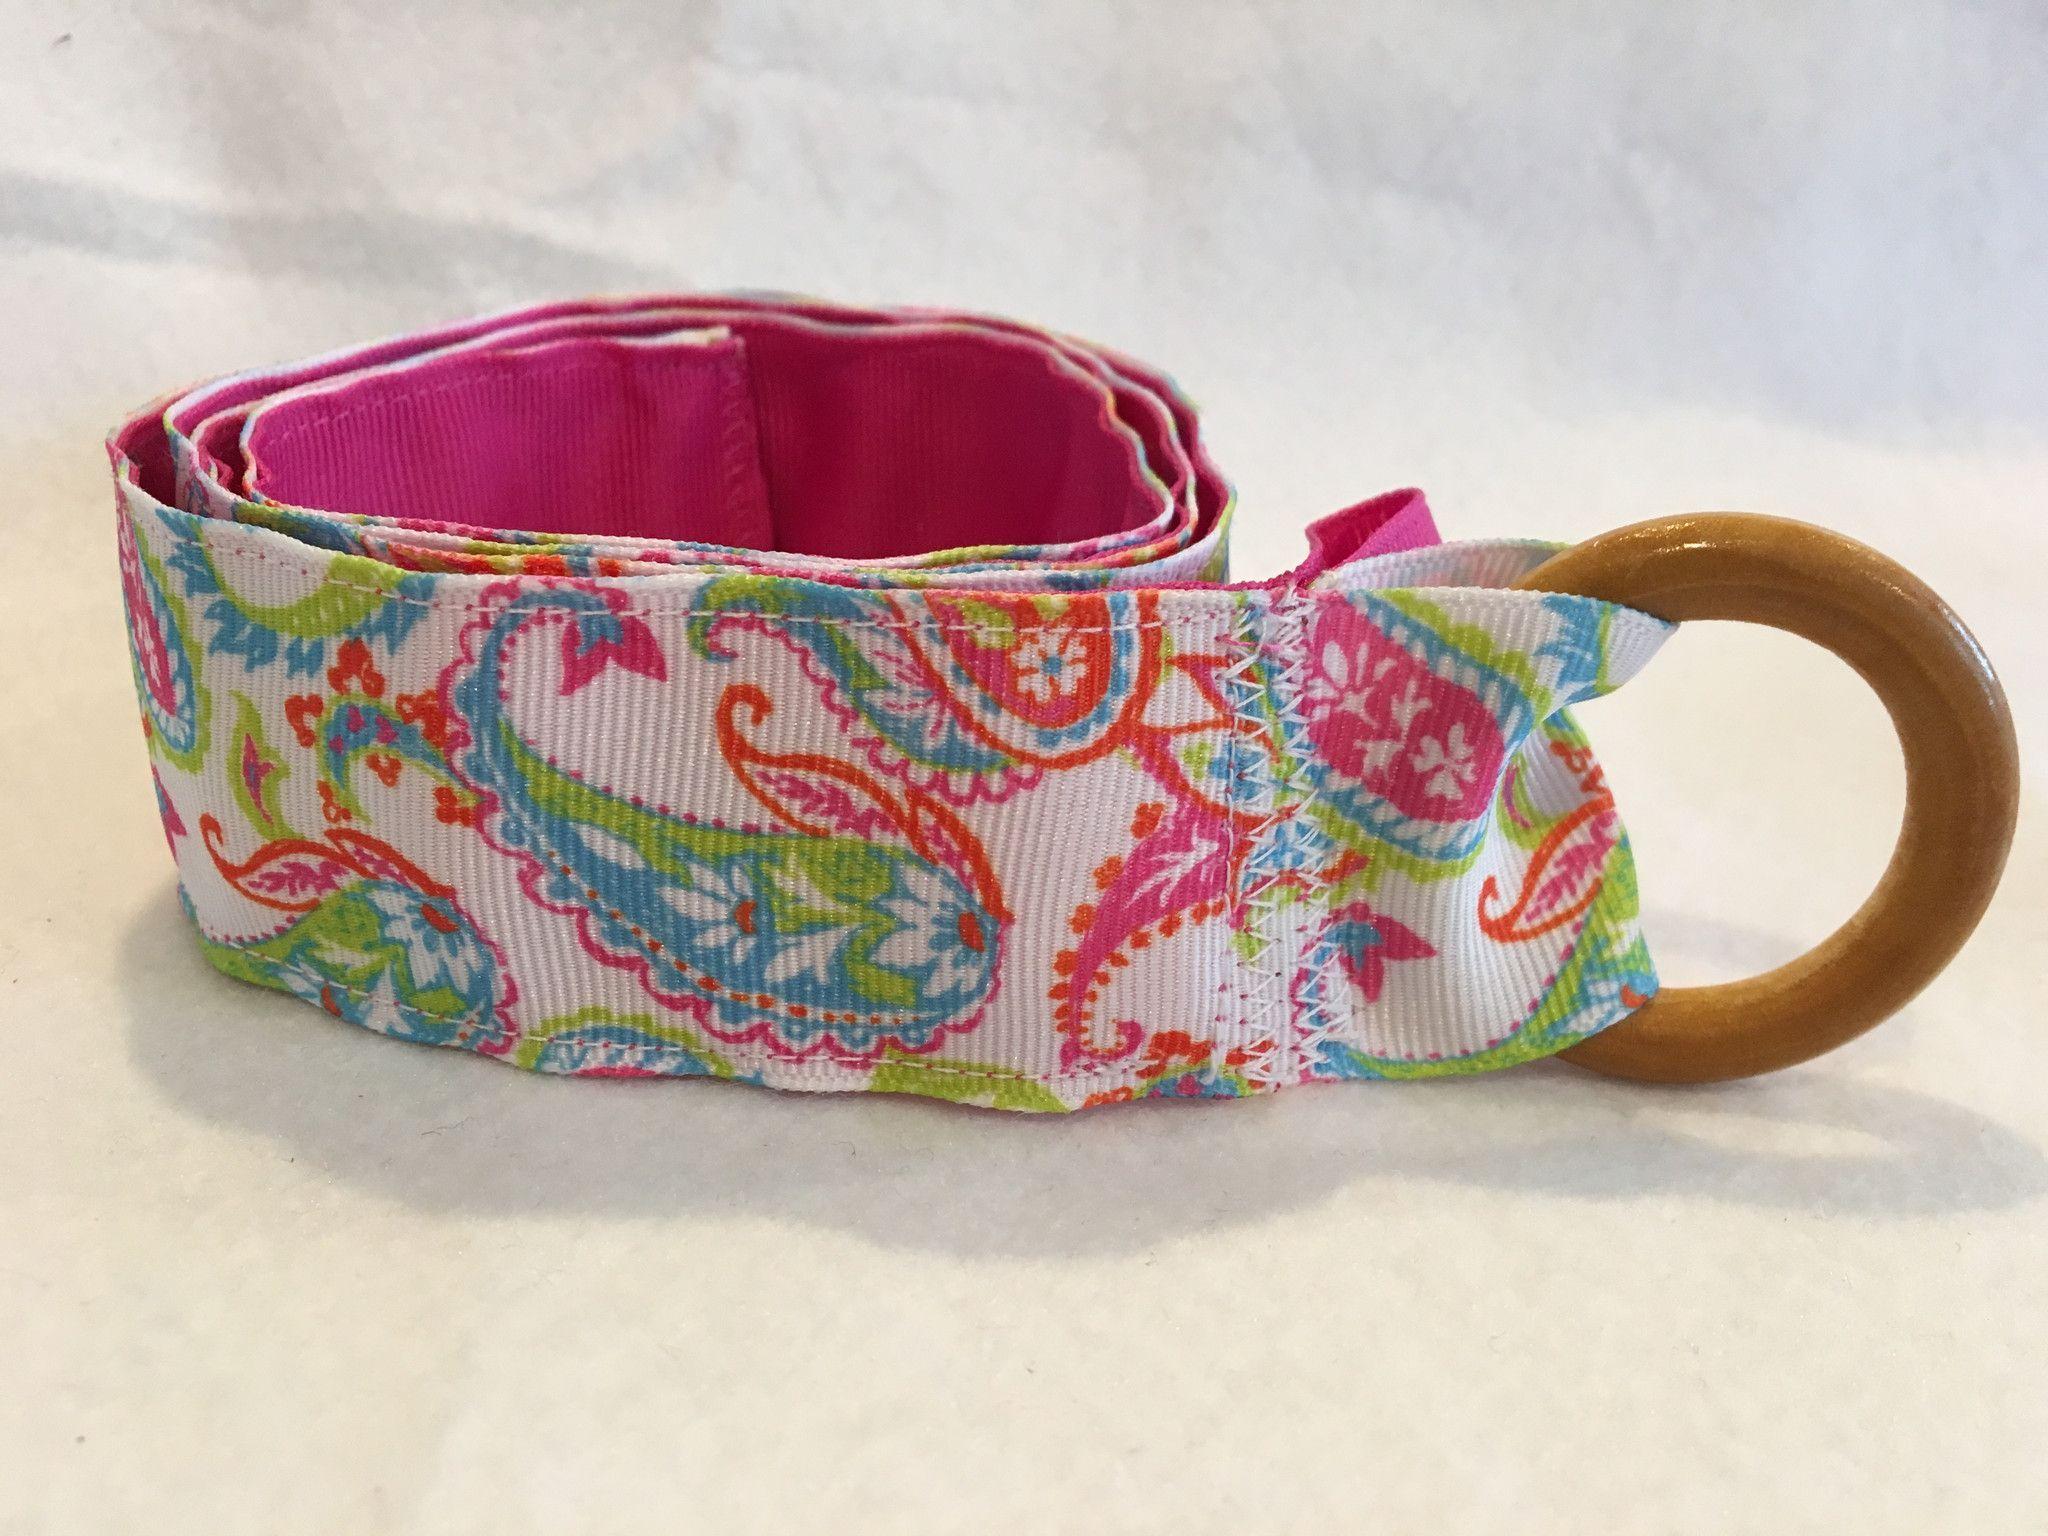 Paisley Belt, Pink Belt, Reversible Belt, Preppy Belt, D Ring Belt, Adjustable Belt, Mens Belt, Boys Belt, Girls Belt, Womens Belt, Custom Belt, Preppy Gifts